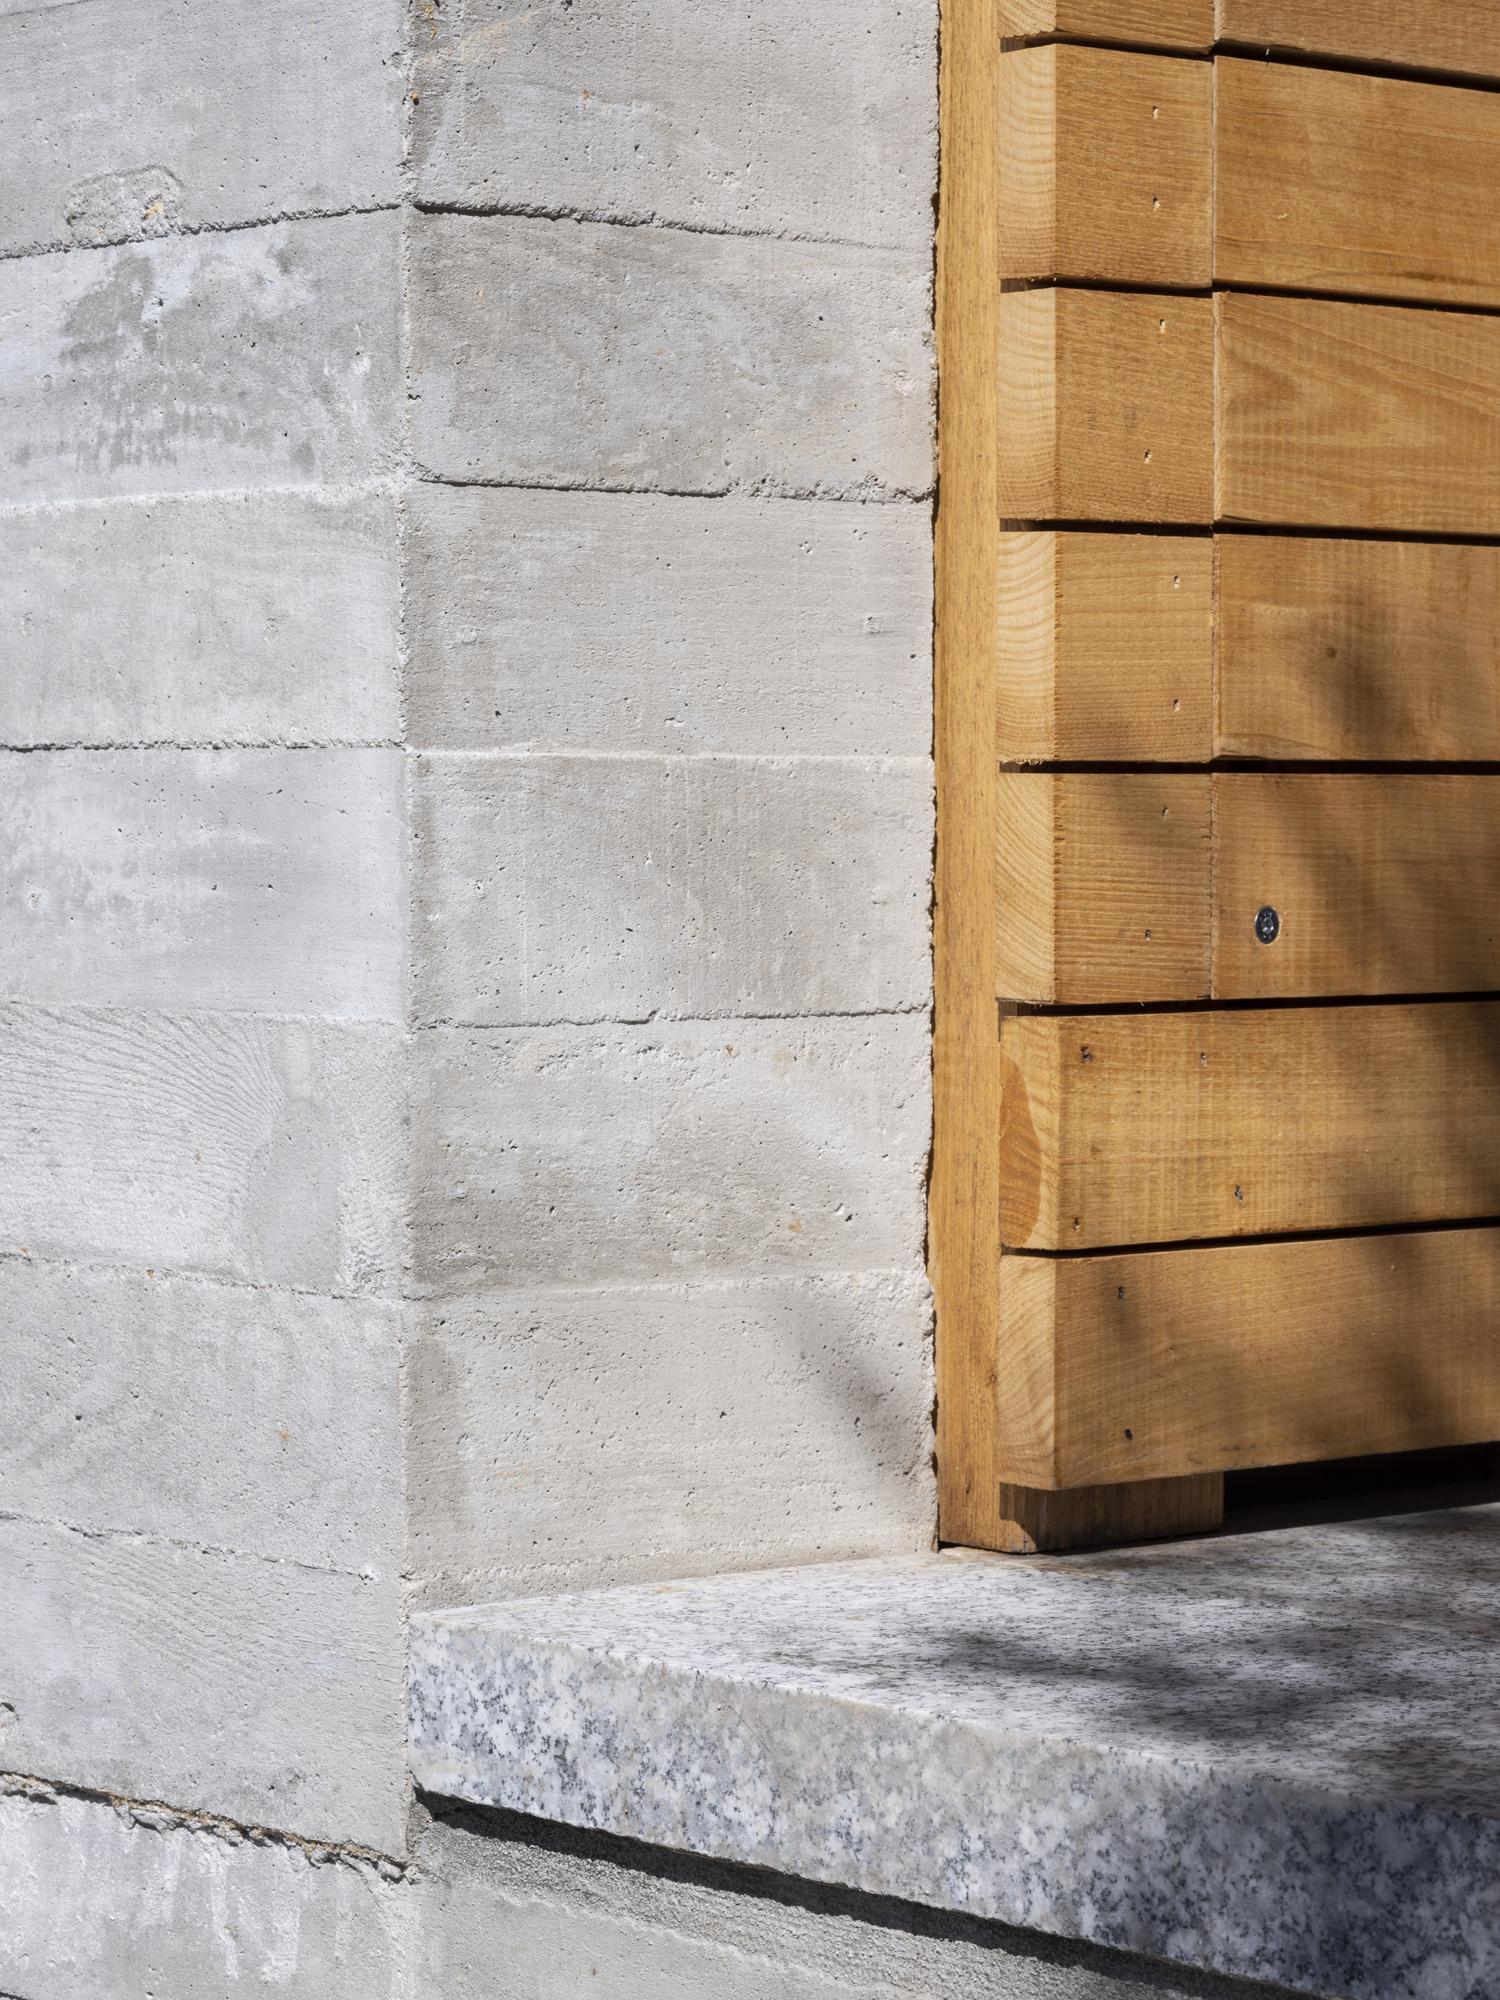 Panteon ÁBATON arquitectura Fotografía Juan Baraja Hormigón arquitectónico granito y madera